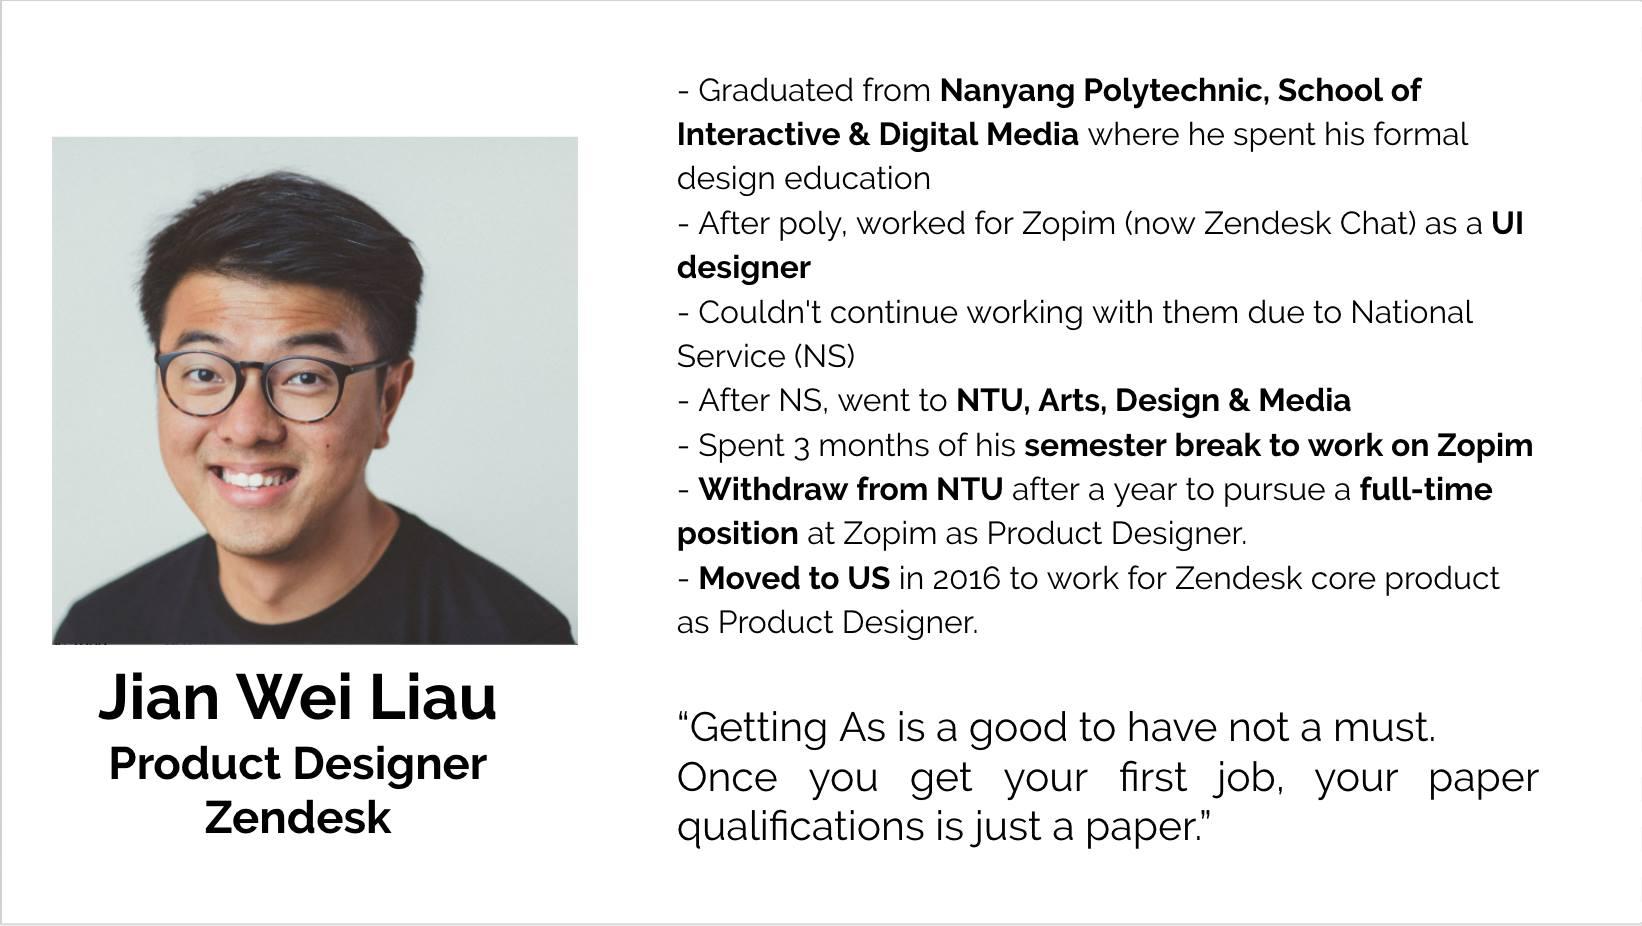 Jian Wei Liau, Product Designer, Zendesk